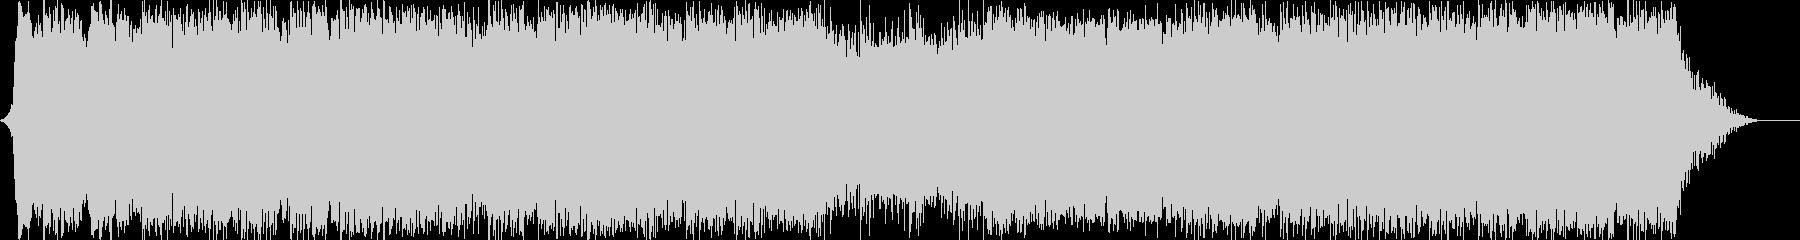 ダークファンタジーオーケストラ戦闘曲54の未再生の波形